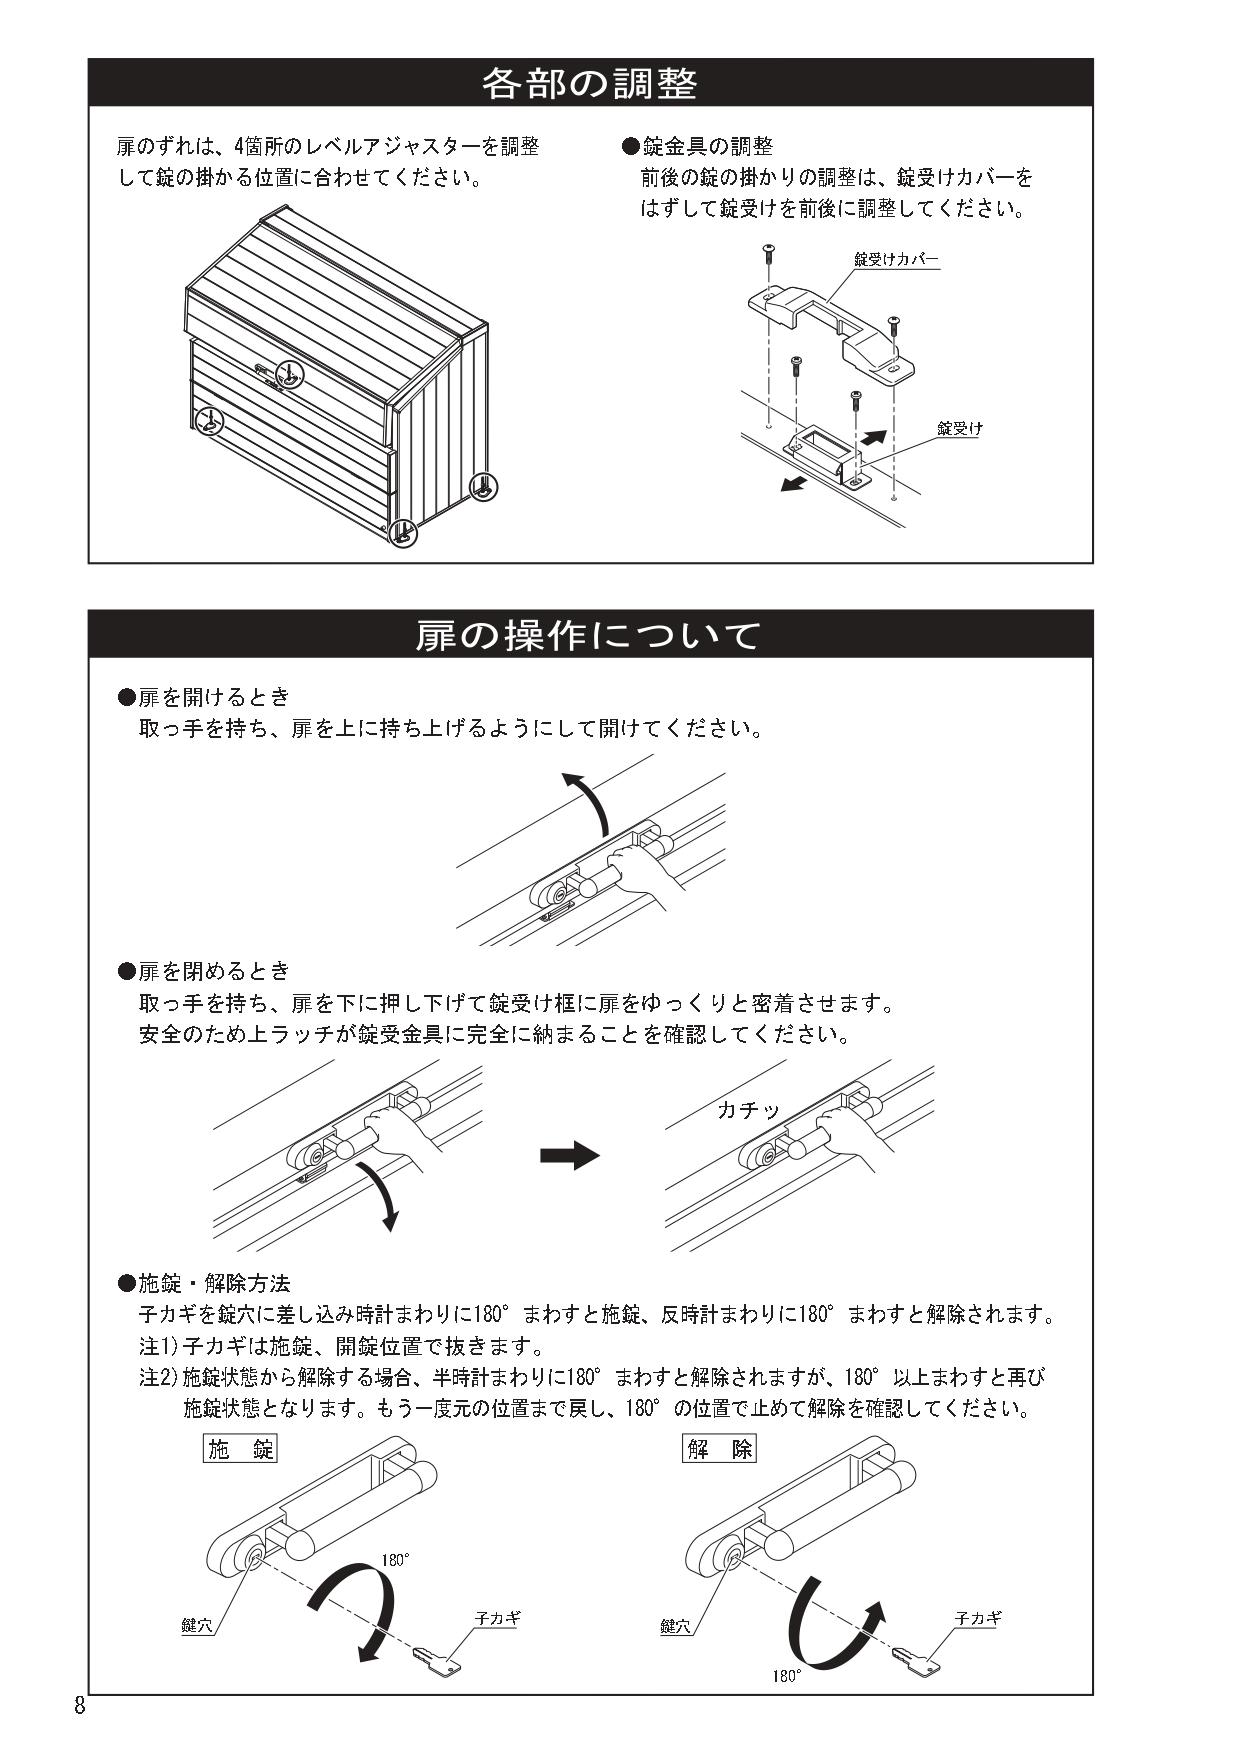 ゴミストッカーWP1型 施工説明書_page-0008